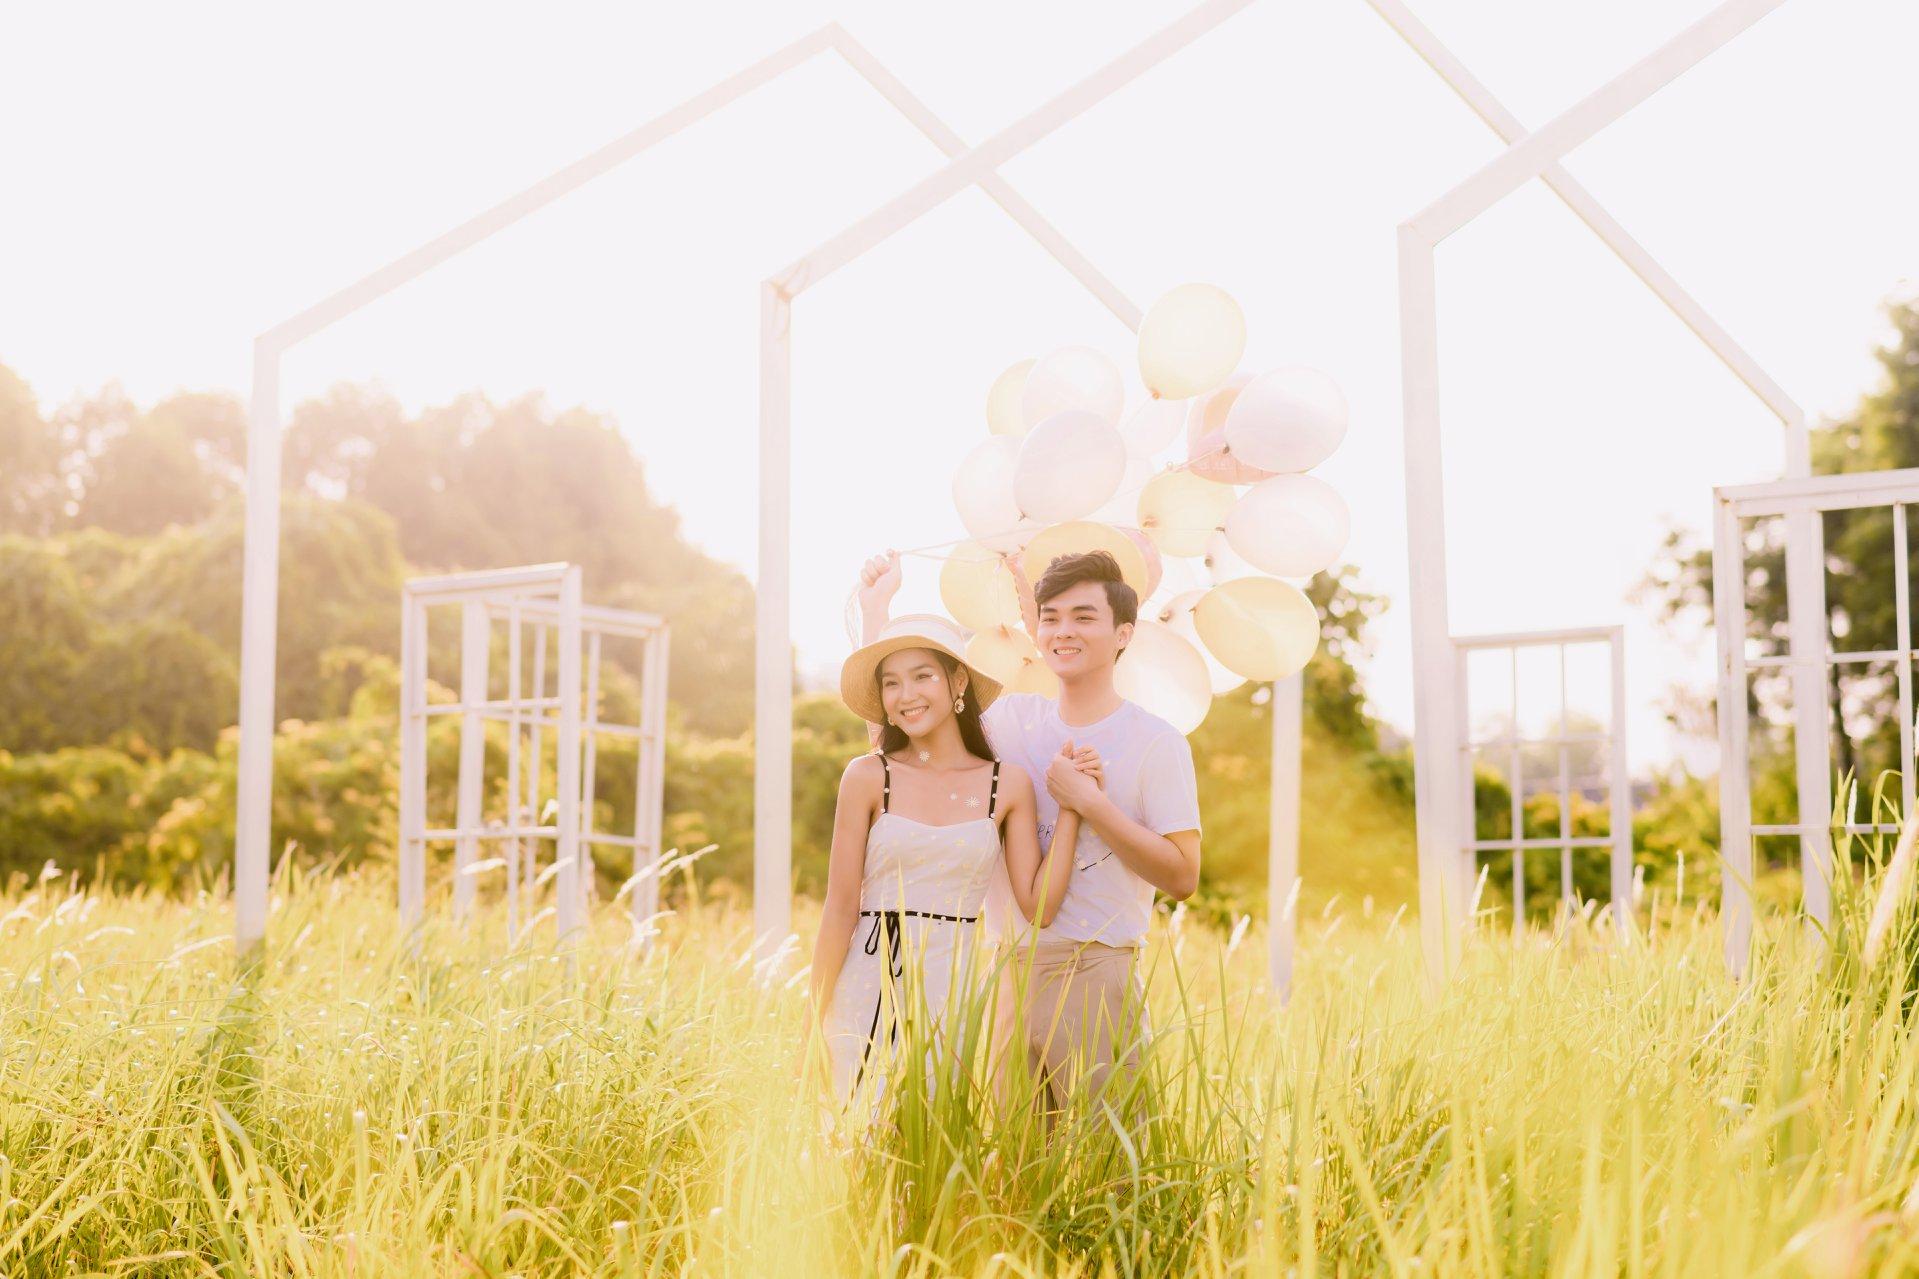 Album ảnh cưới đẹp Hàn Quốc tại phim trường Santorini Hà Nội 40